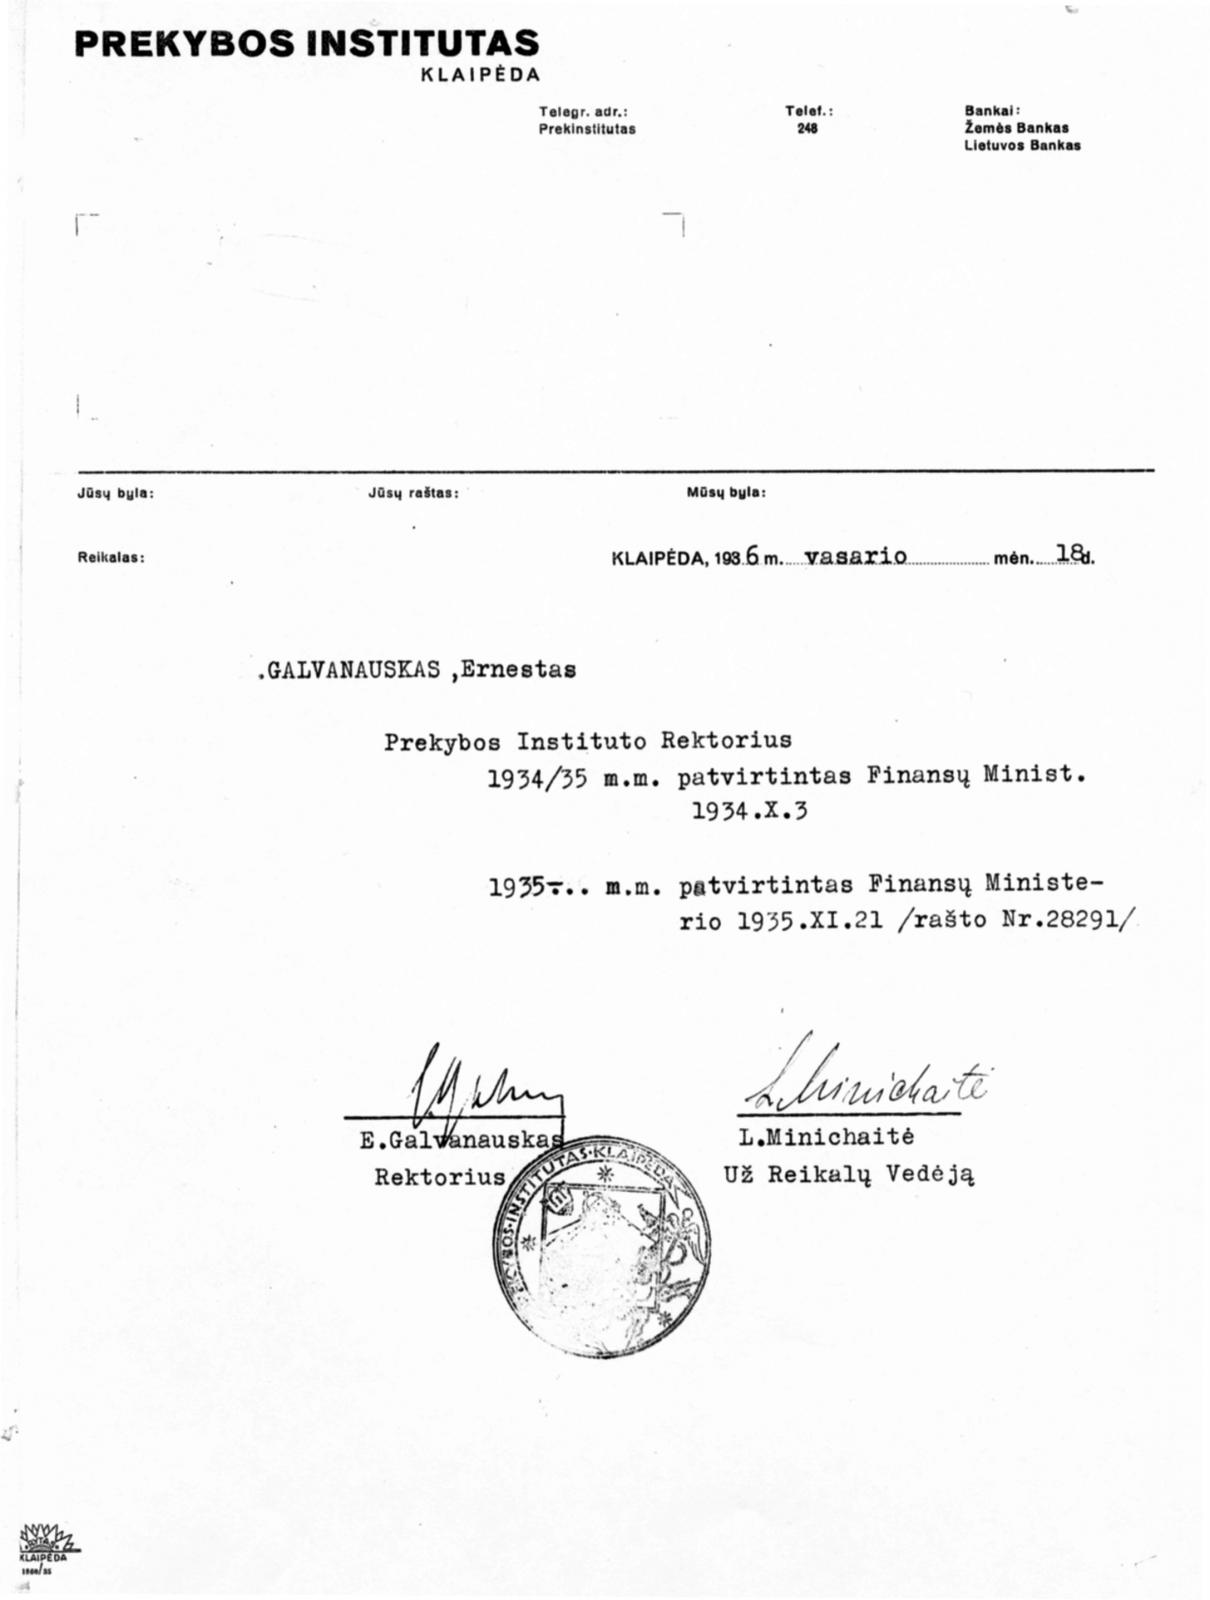 2 il. E. Galvanausko patvirtinimo Prekybos instituto rektoriumi išrašo faksmilė (LCVA, f. 391, ap. 7, b. 1446, l. 2)